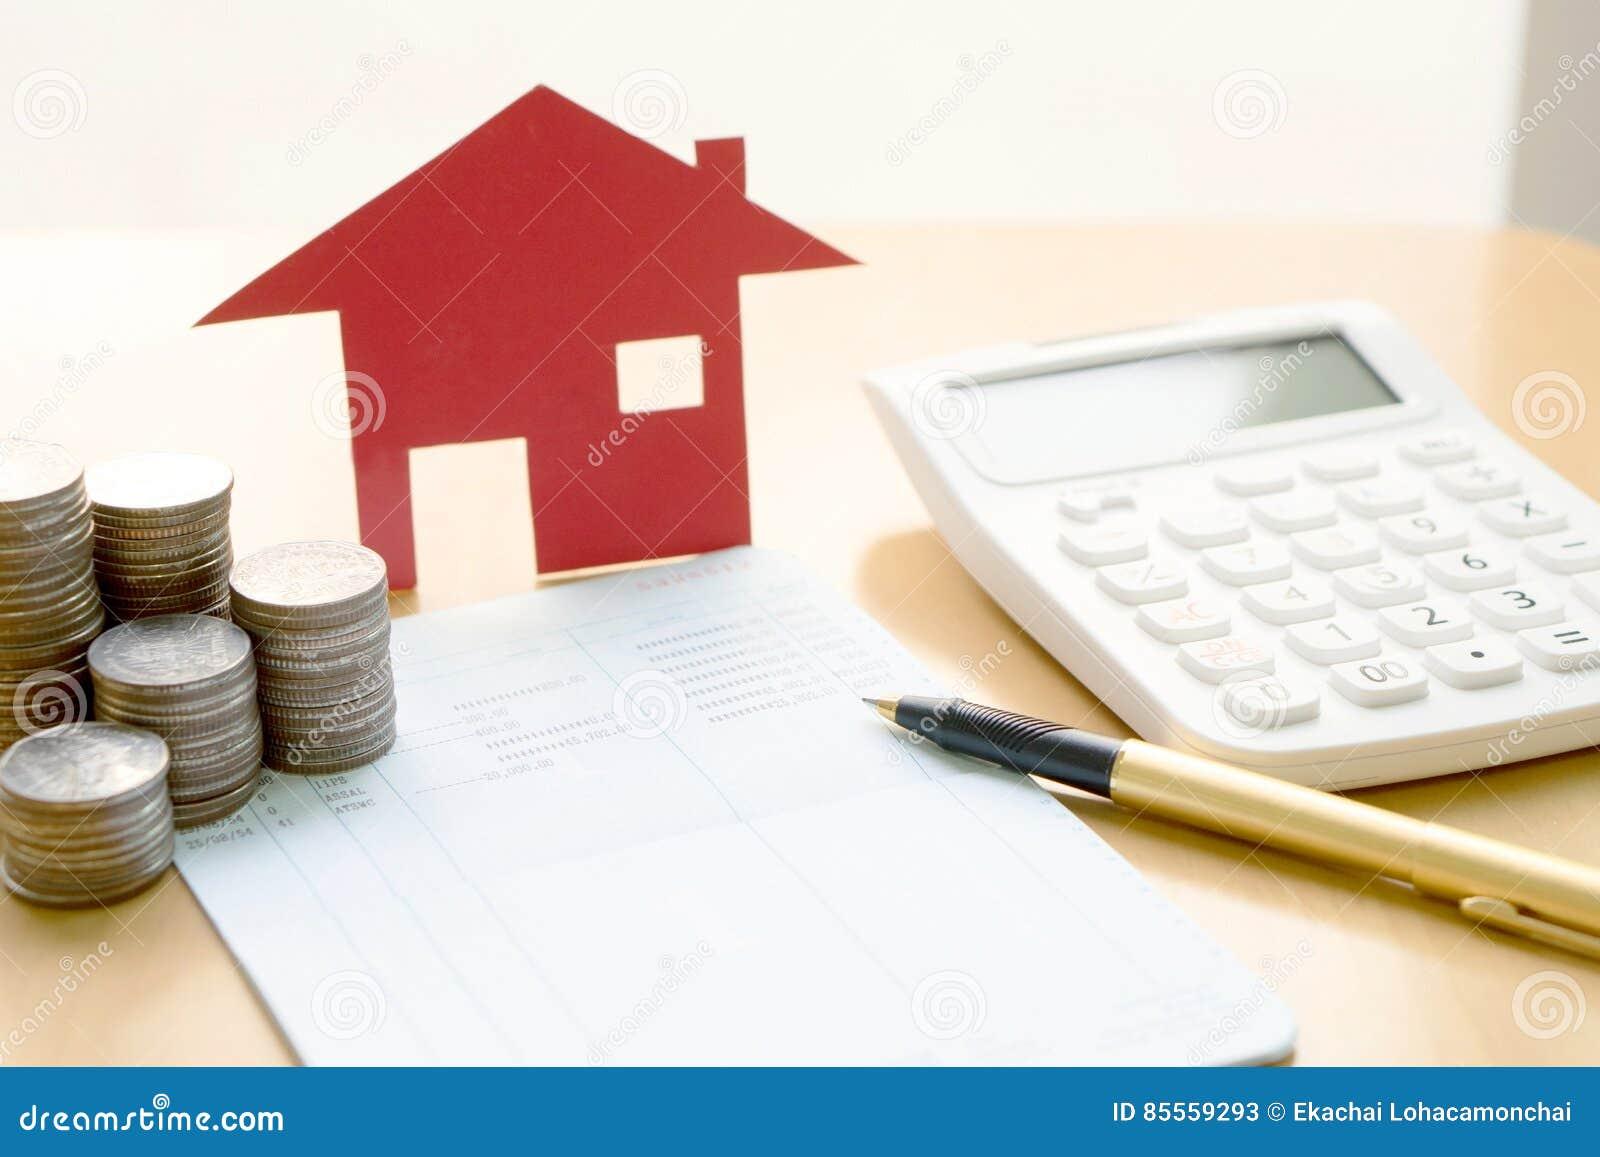 argent, pièce de monnaie de pile avec le livret d'épargne et maison